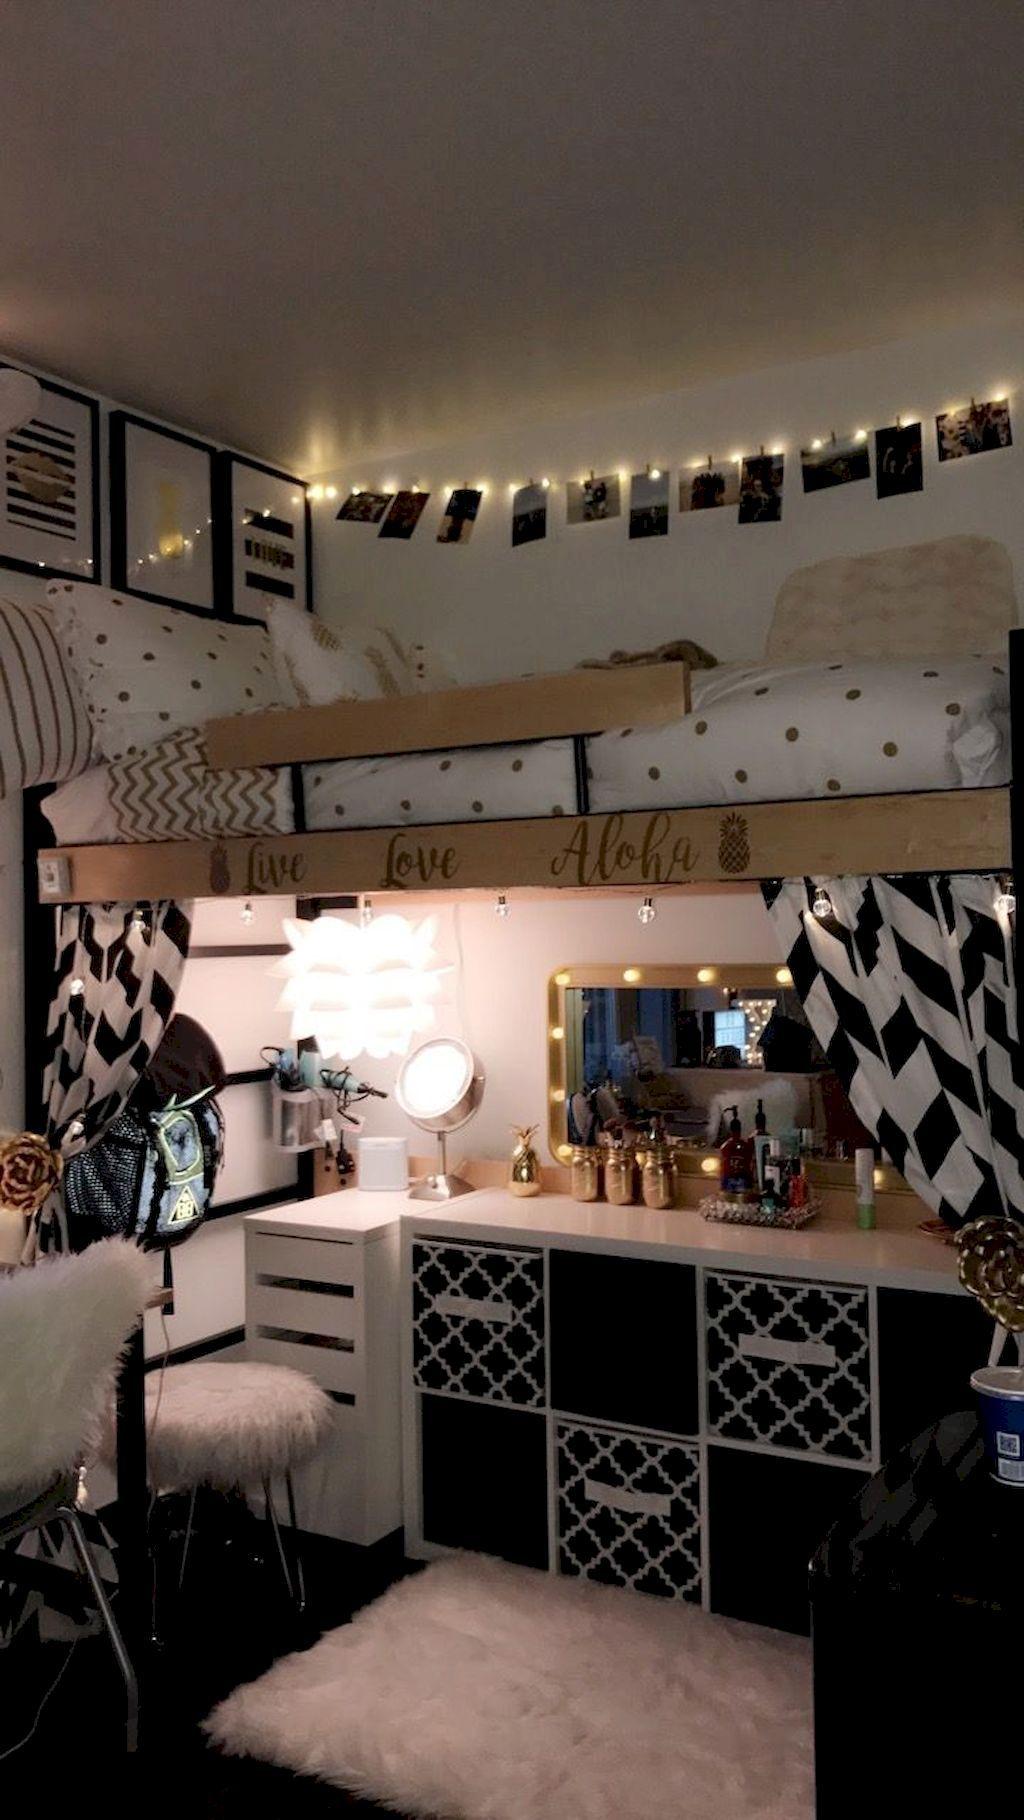 Stunning 95 Genius Dorm Room Decorating Ideas